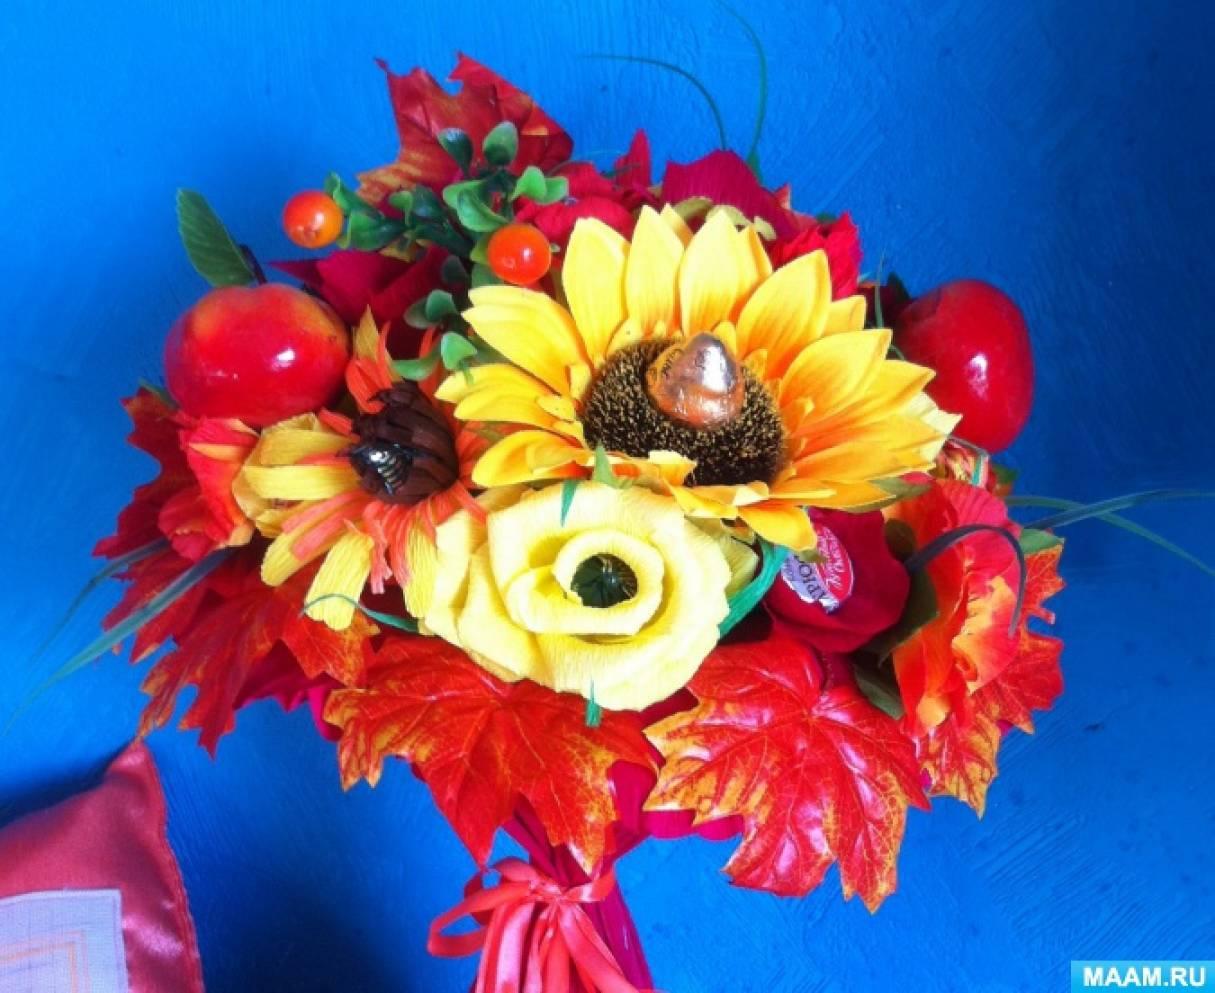 Моё хобби «Цветы из бумаги и не только». Фотоотчет.